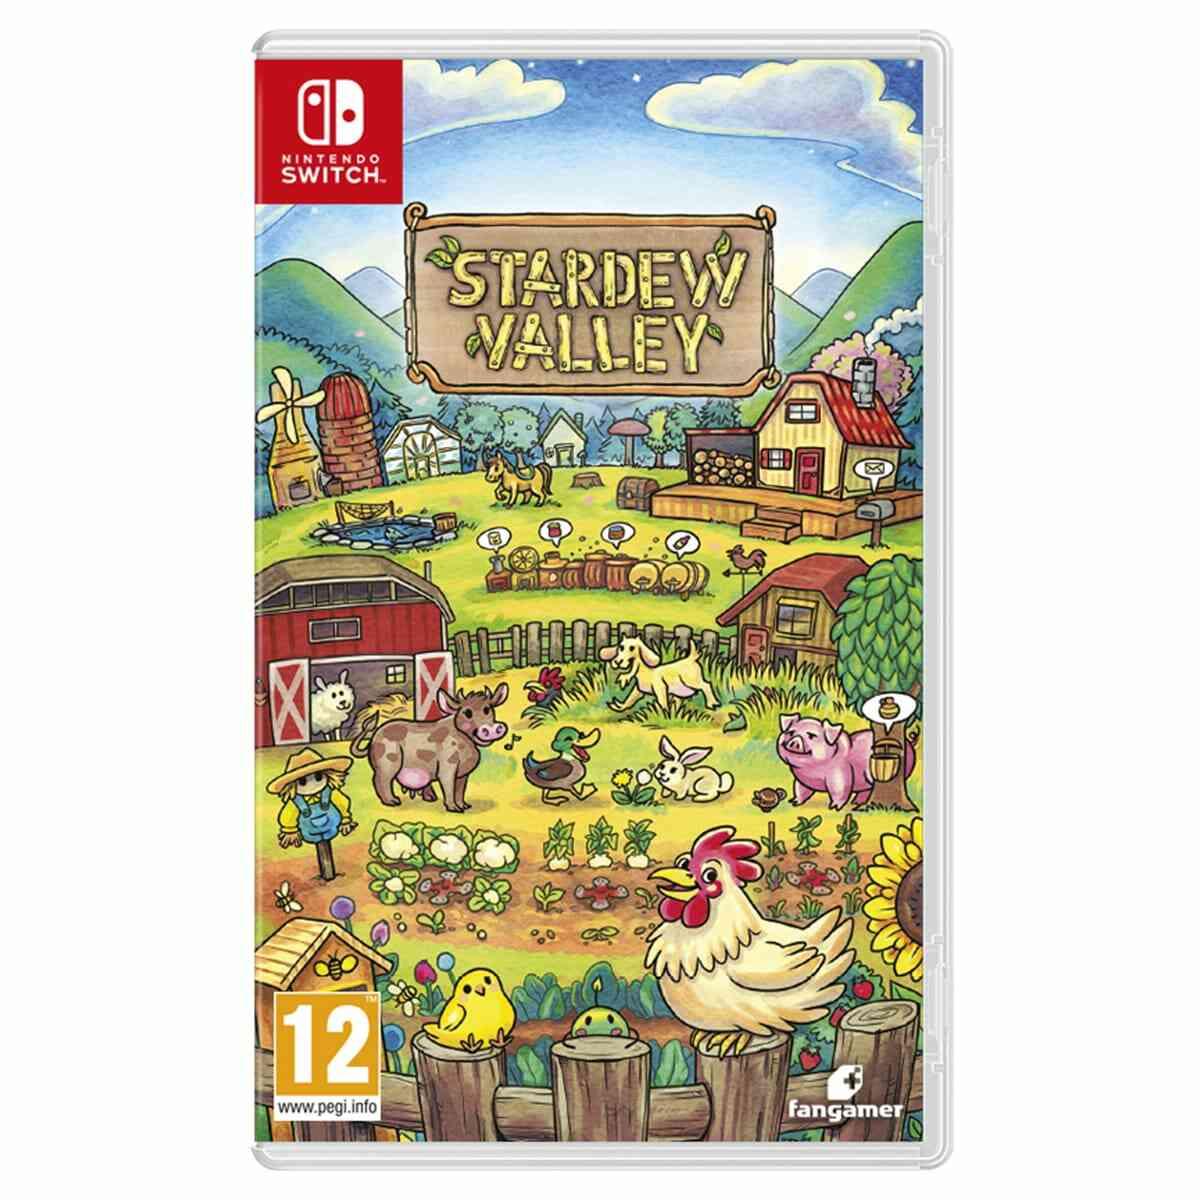 Stardew Valley (Nintendo Switch) 1